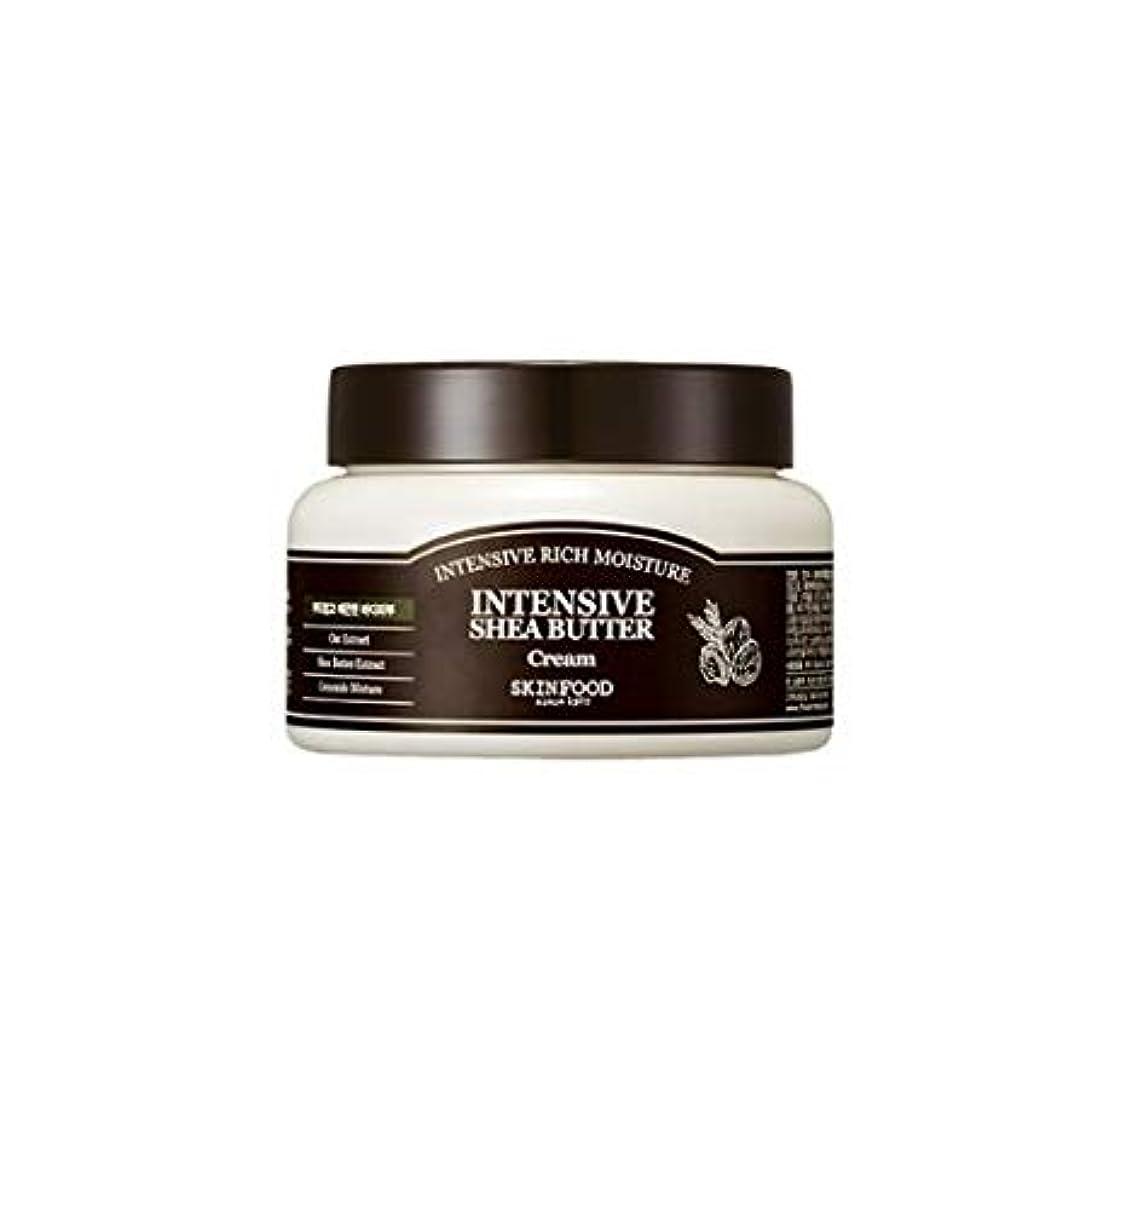 強風水星るSkinfood 集中シアバタークリーム/Intensive Shea Butter Cream 225ml [並行輸入品]